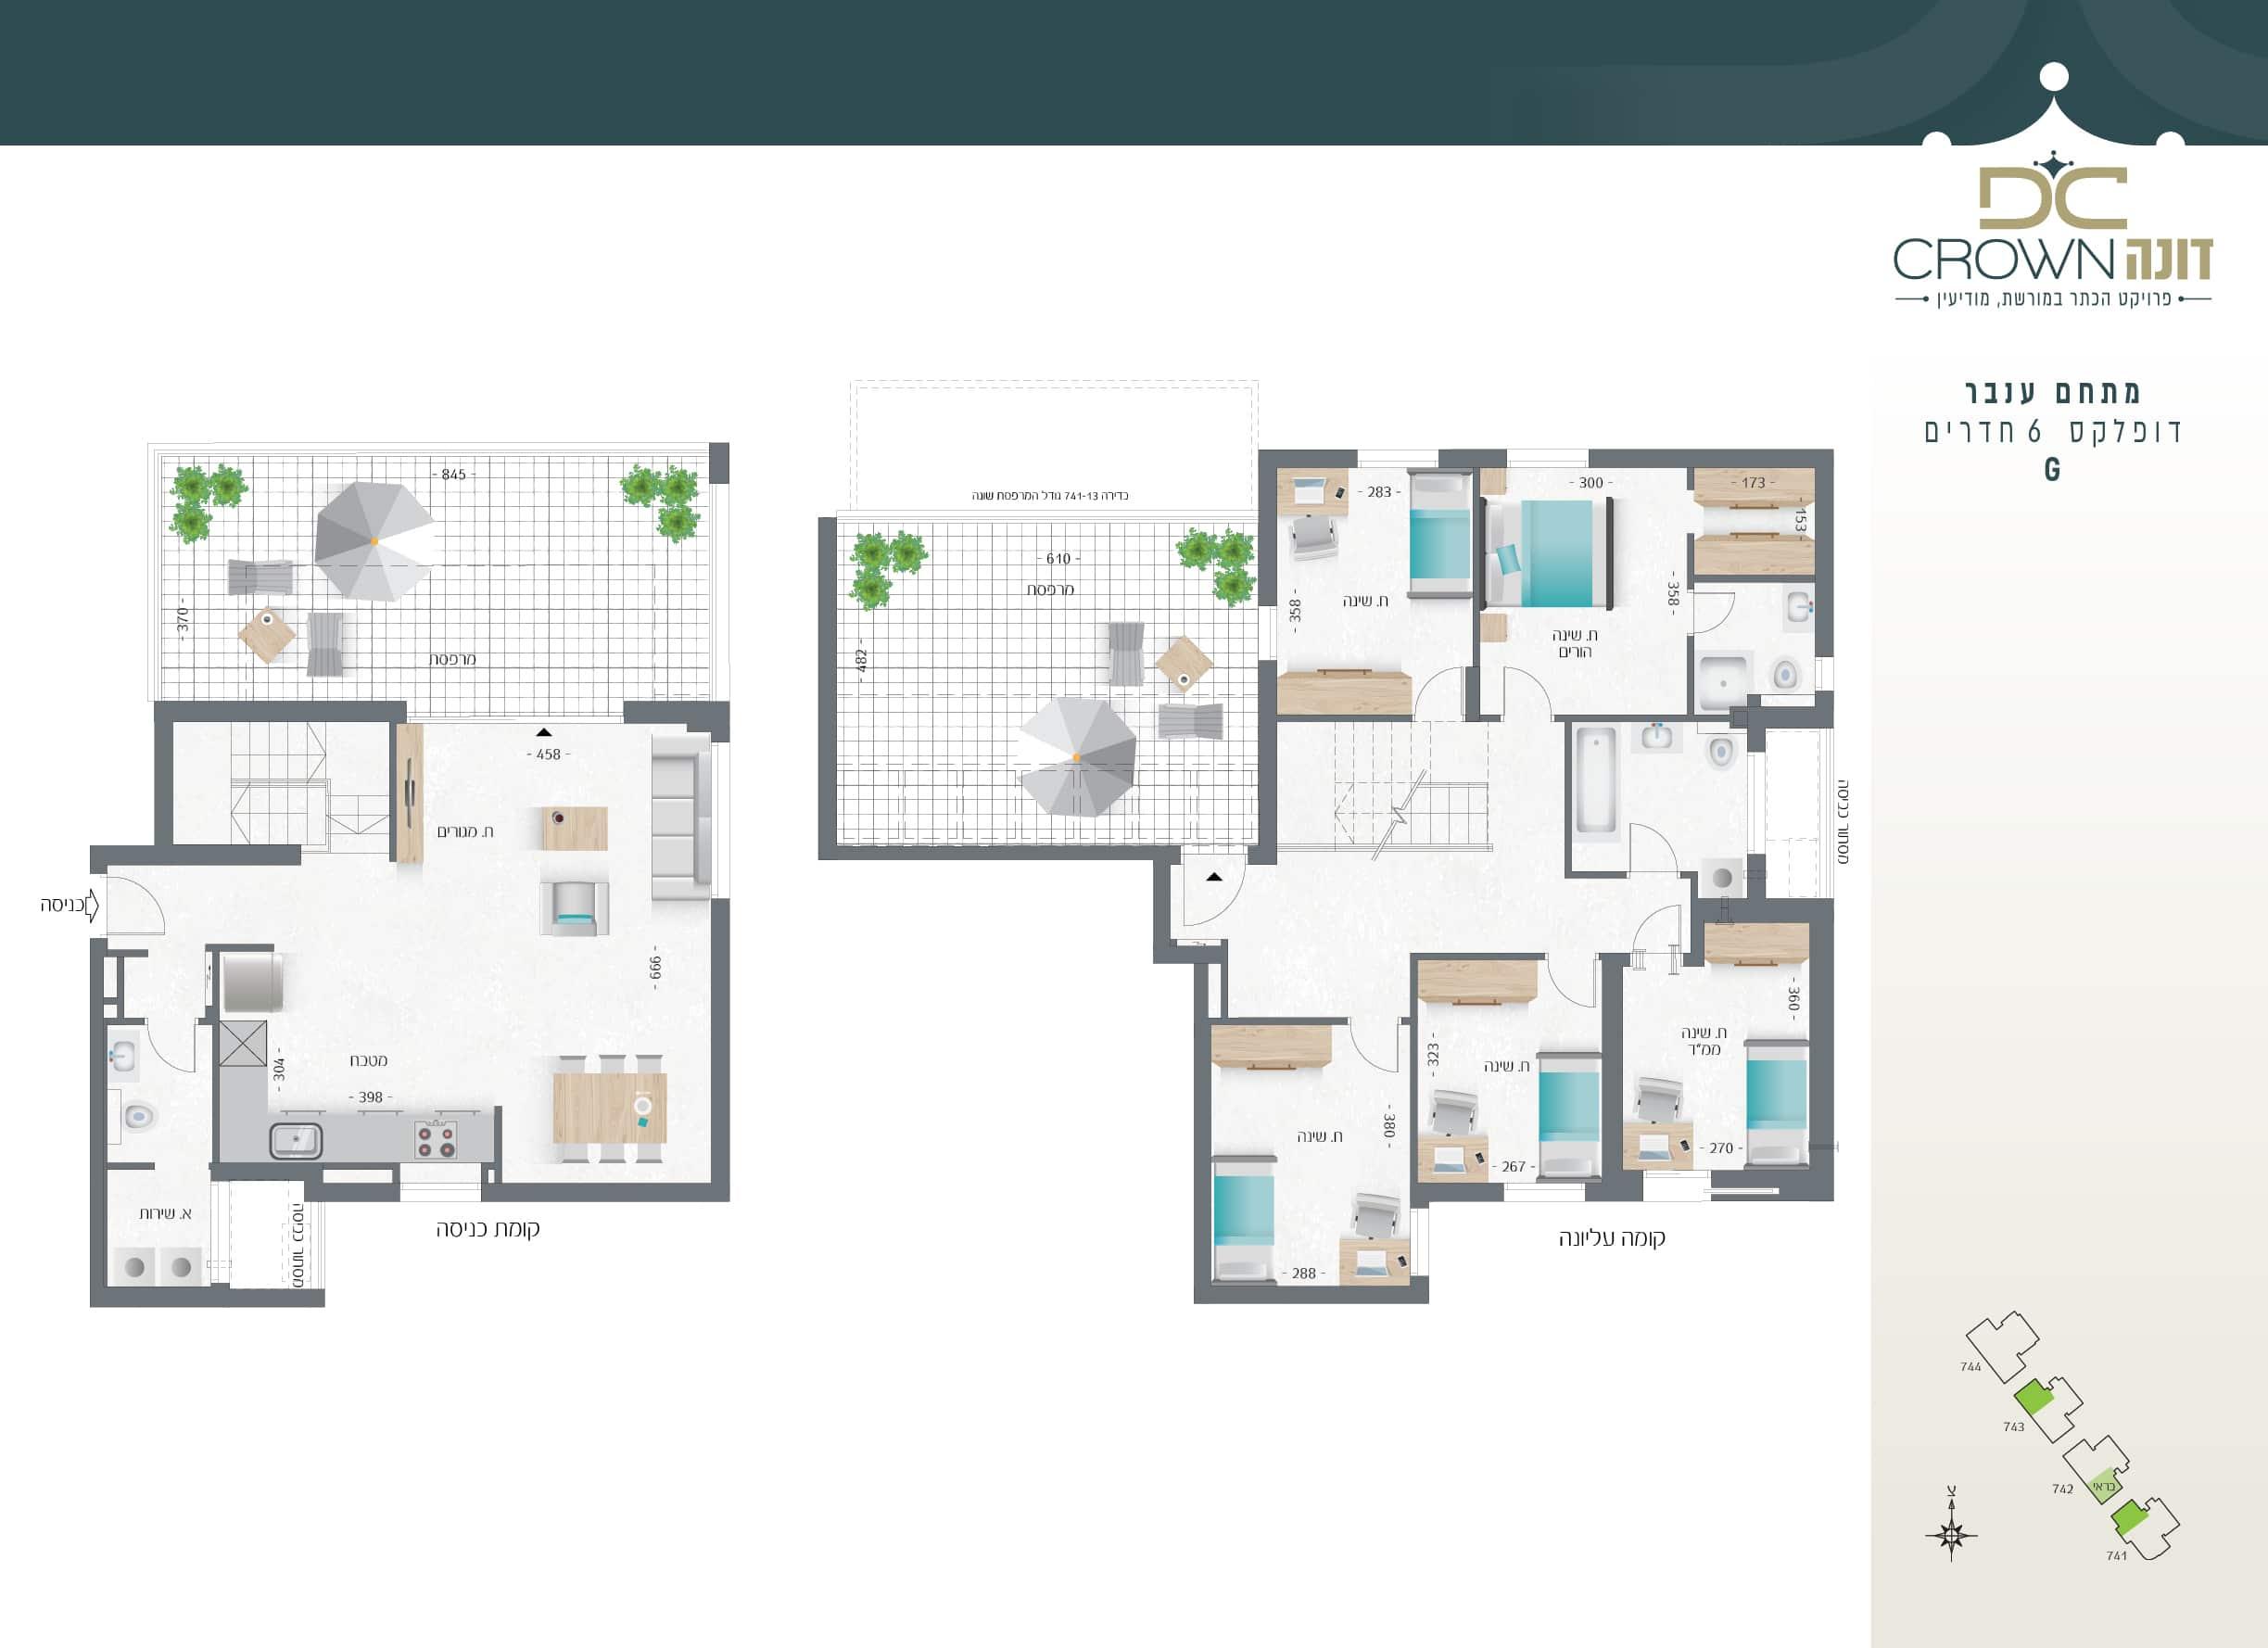 G דופלקס 6 חדרים במודיעין, תכנית דירה